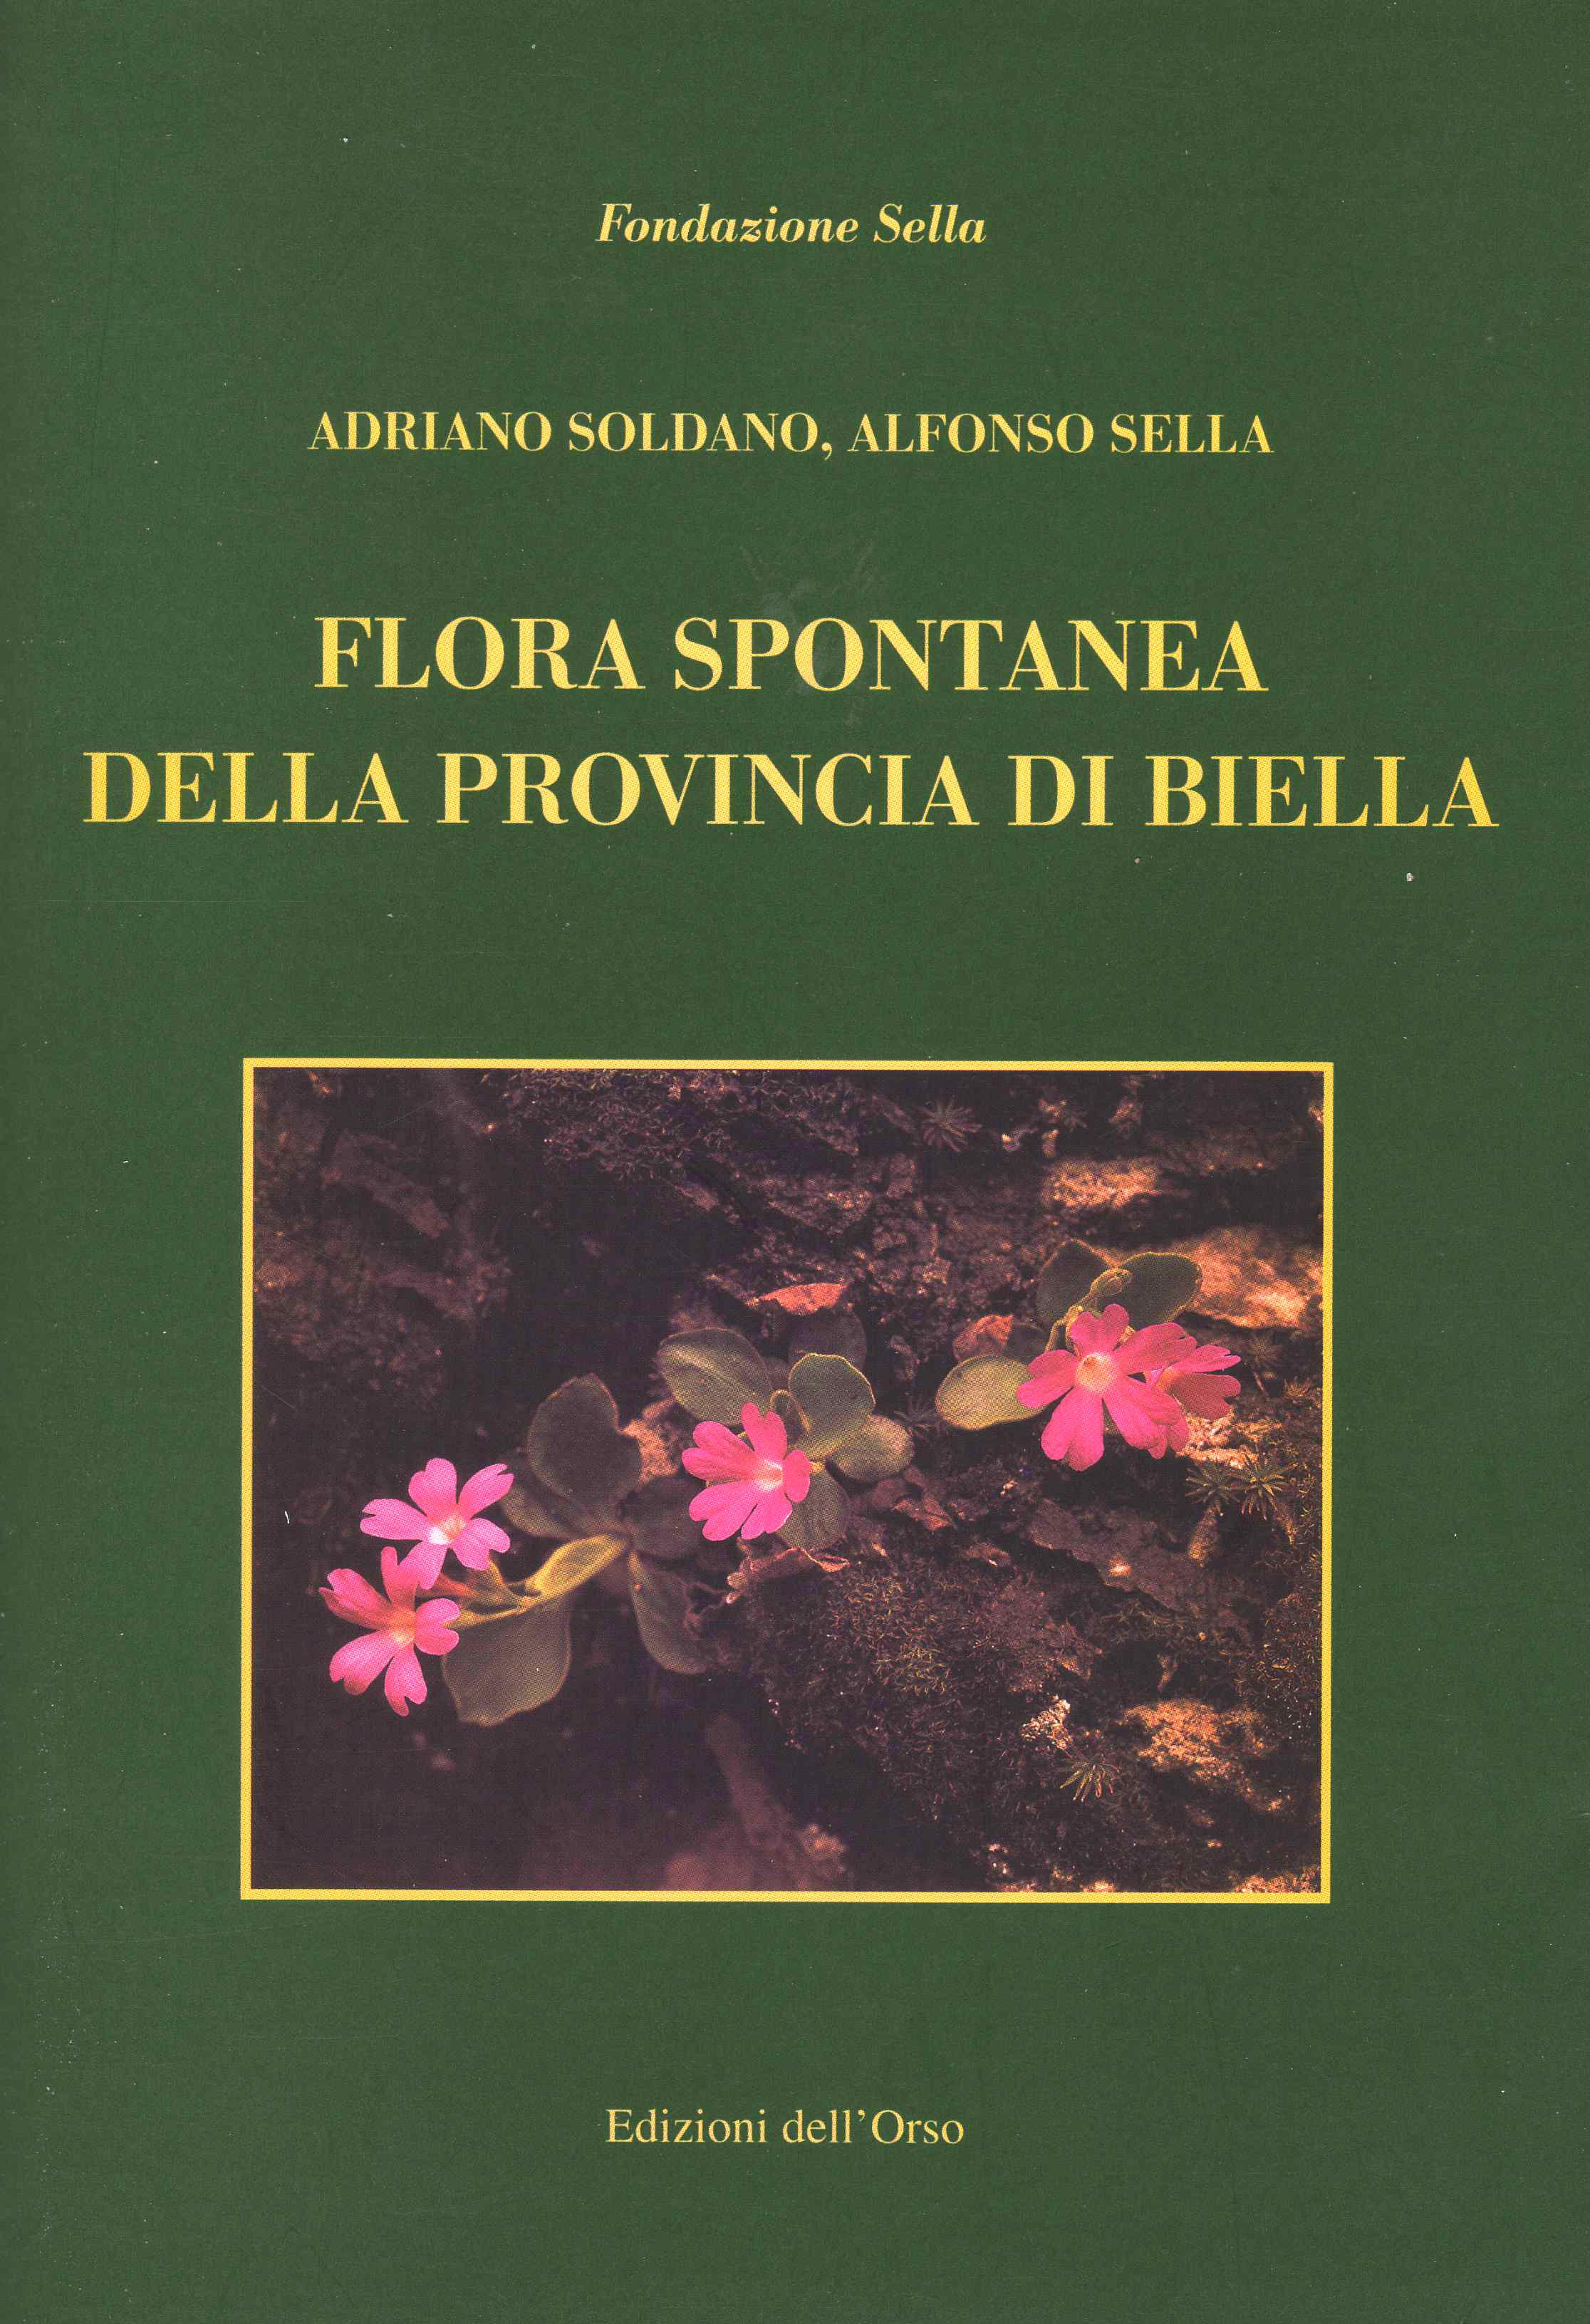 Flora spontanea della provincia di Biella